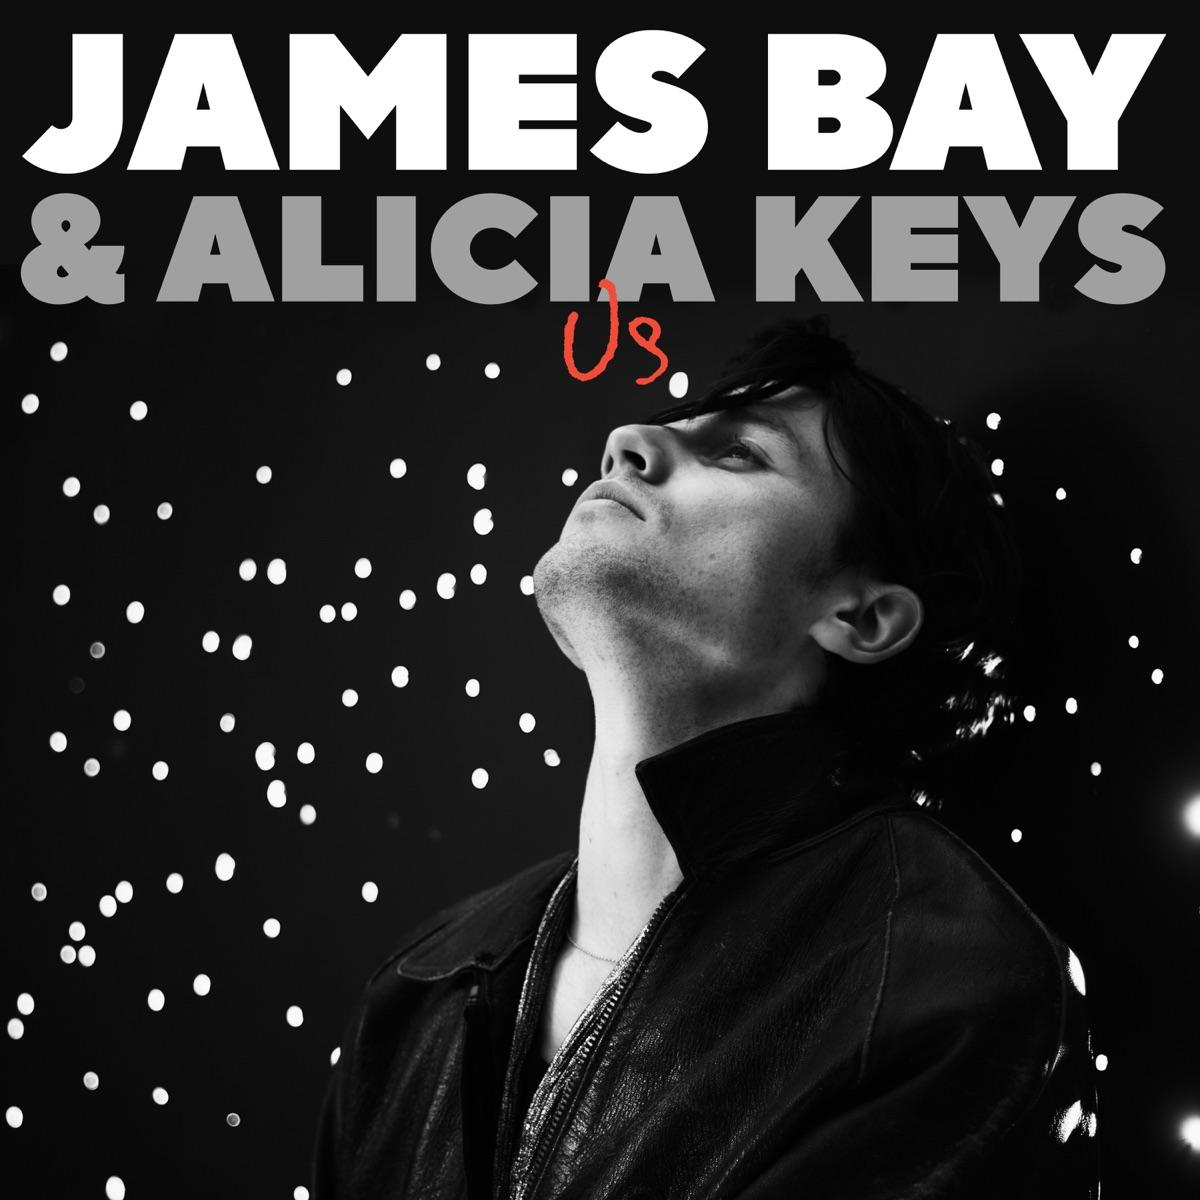 Us - Single James Bay  Alicia Keys CD cover